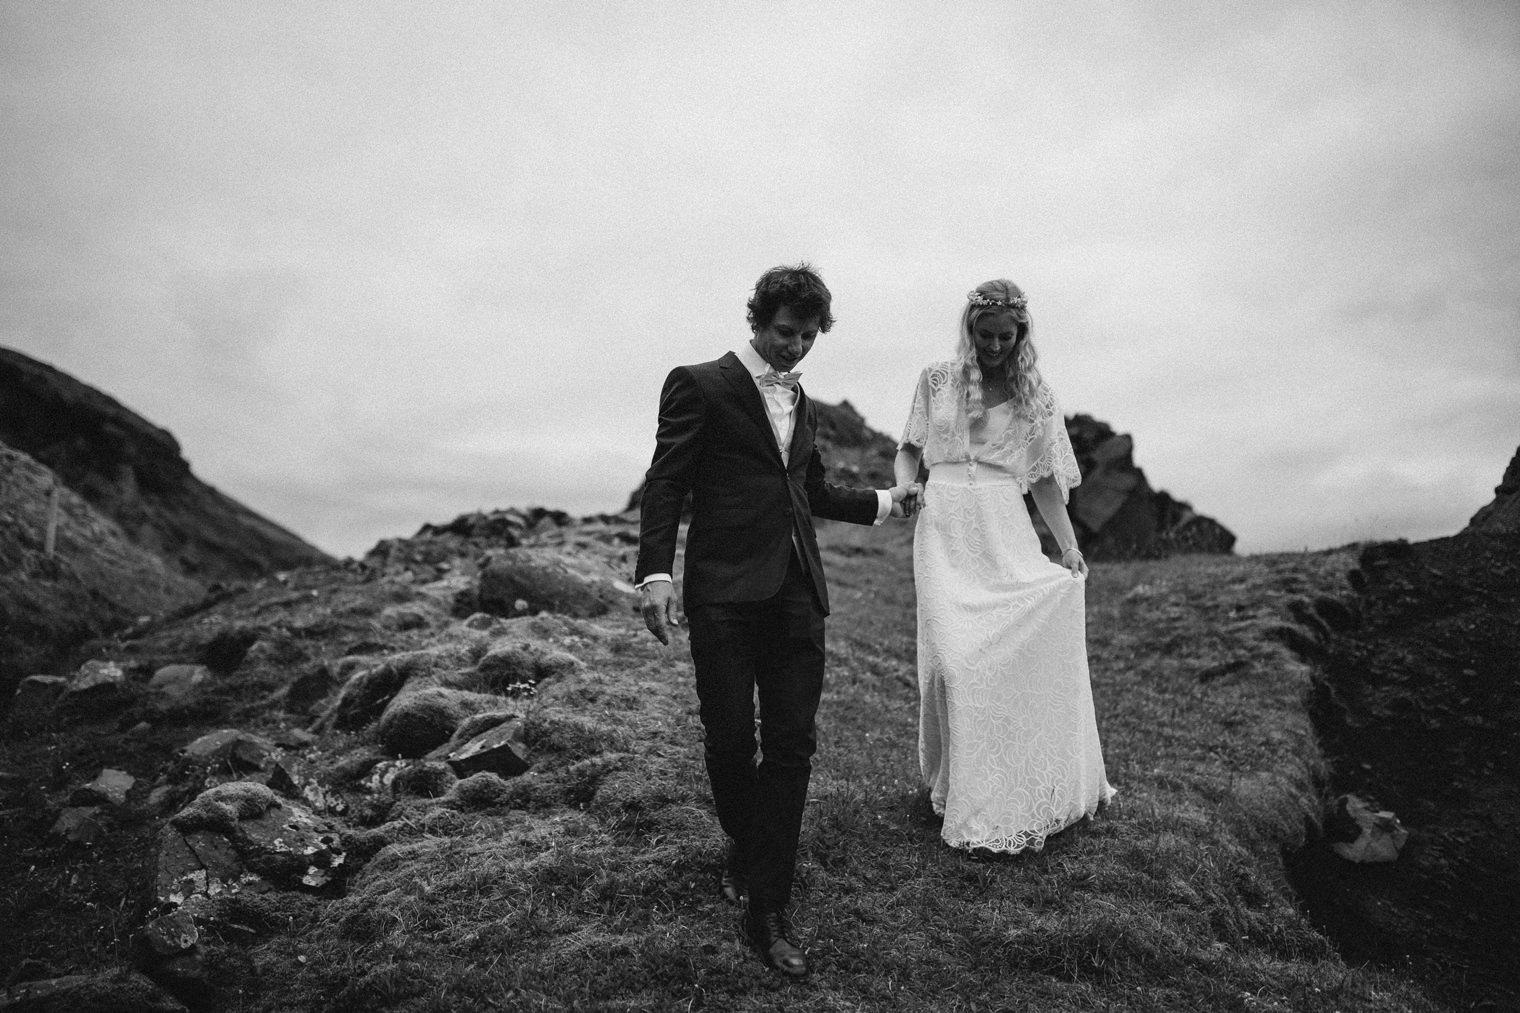 044-iceland-wedding